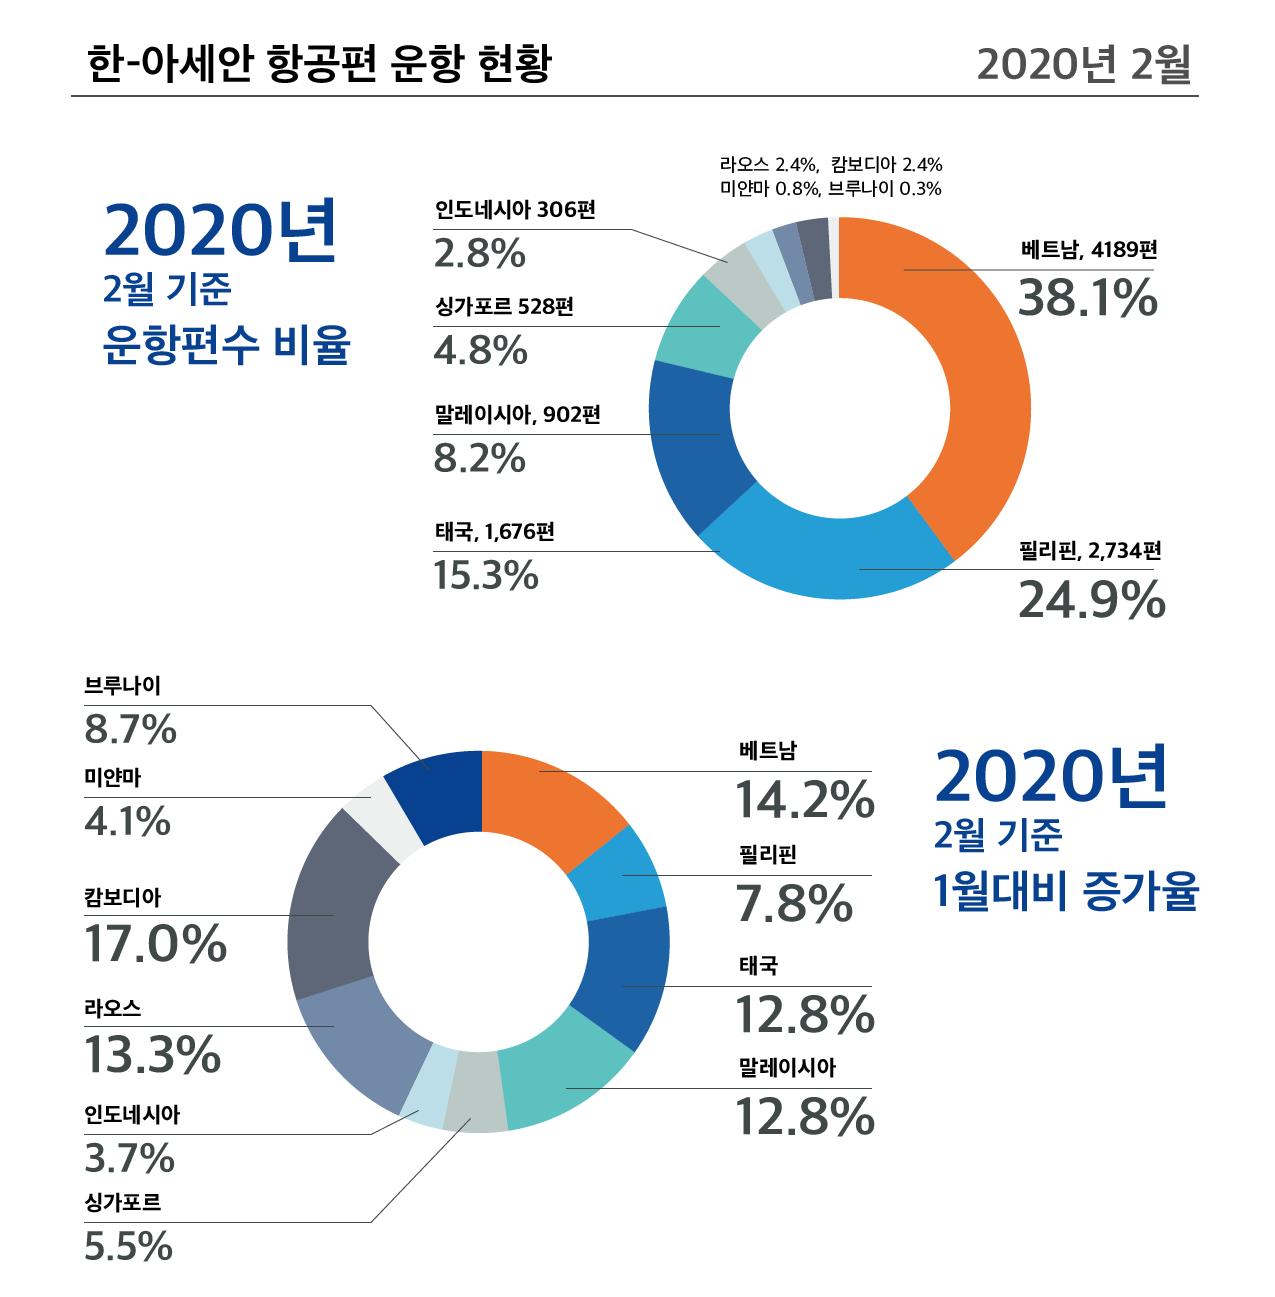 한-아세안 항공편 운항 현황 (2020년 2월)